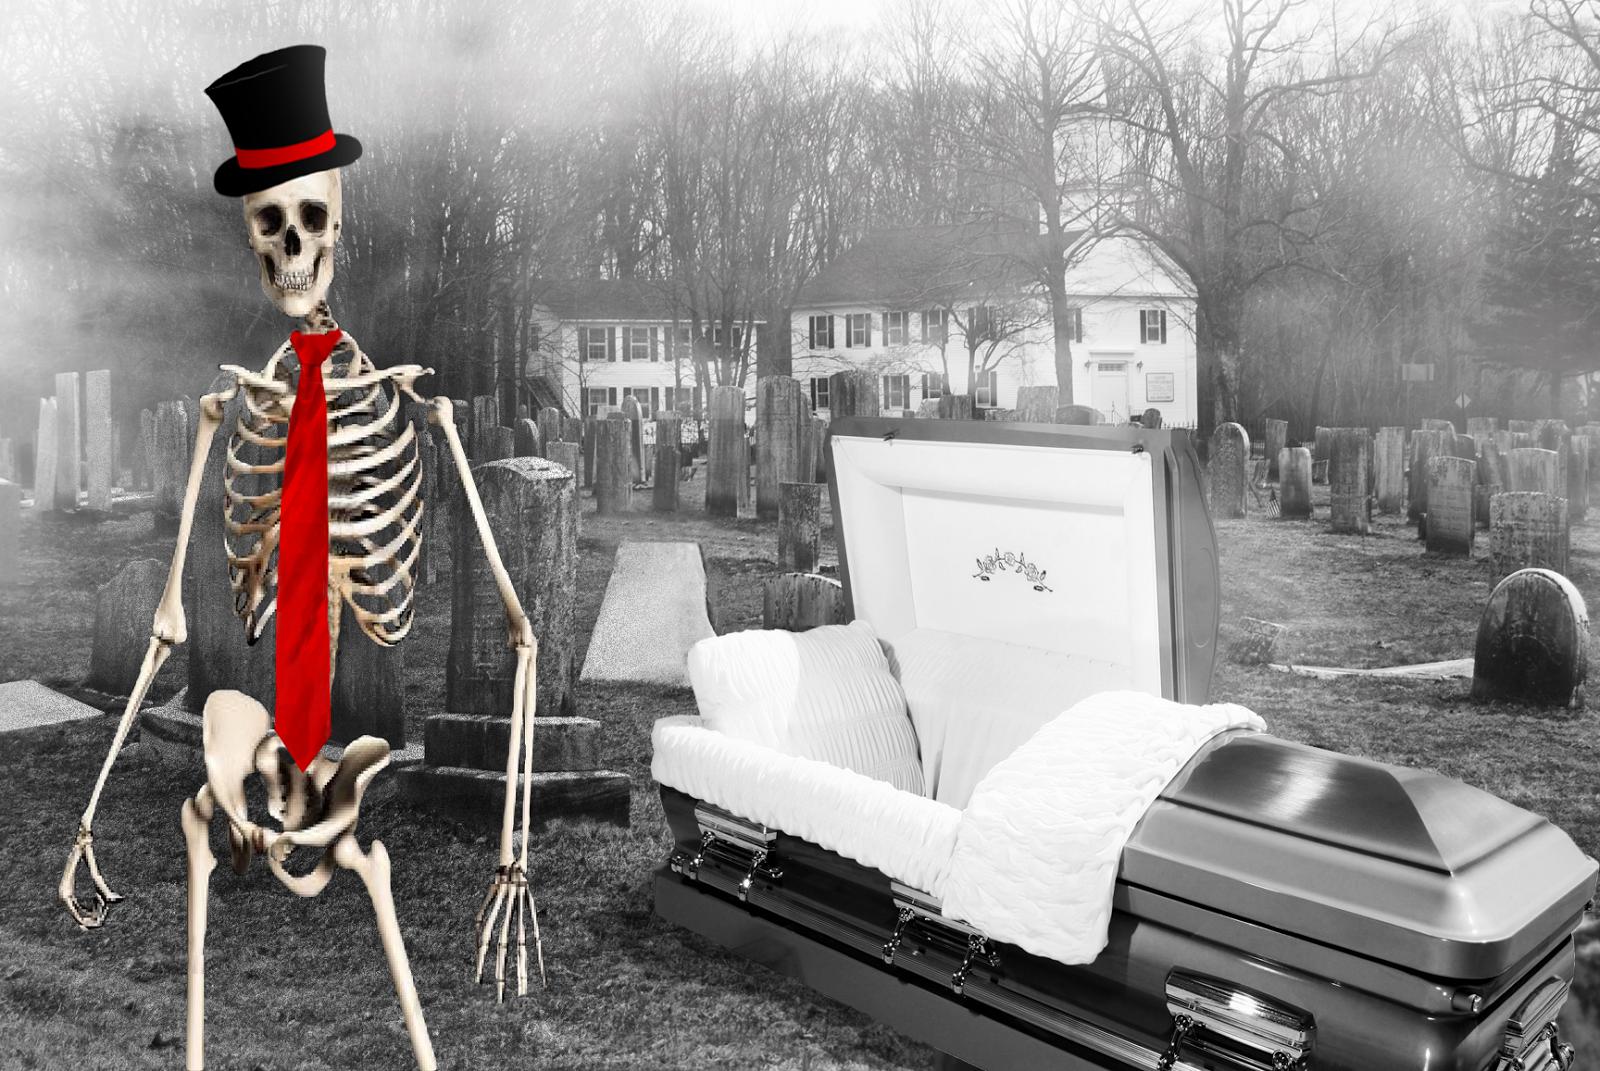 A dead man wearing a necktie